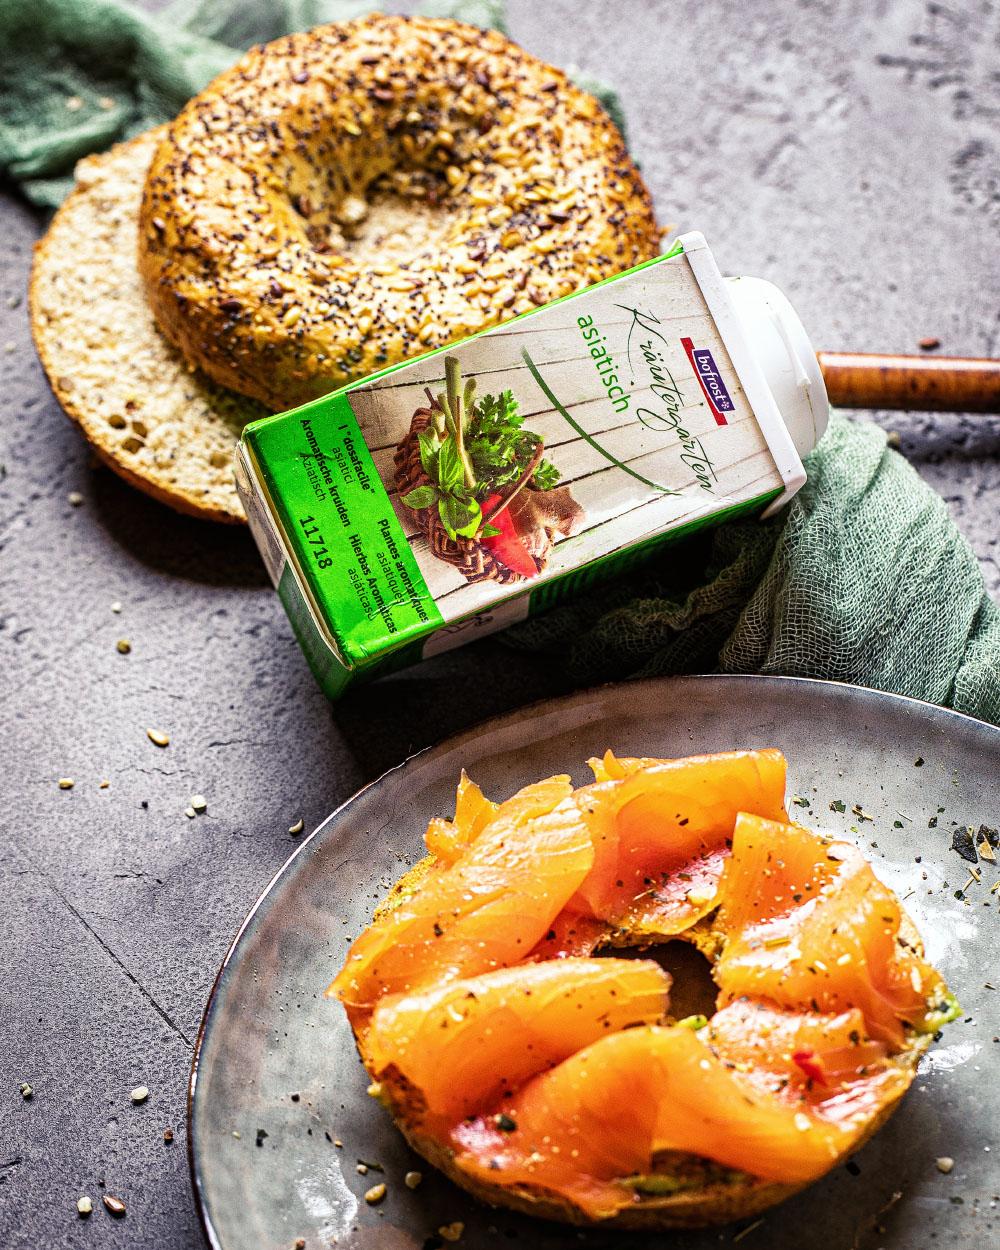 Bofrost-Avocado-Lachs-Bagel-asisatisch-einfaches-rezept-schnelles-frühstück